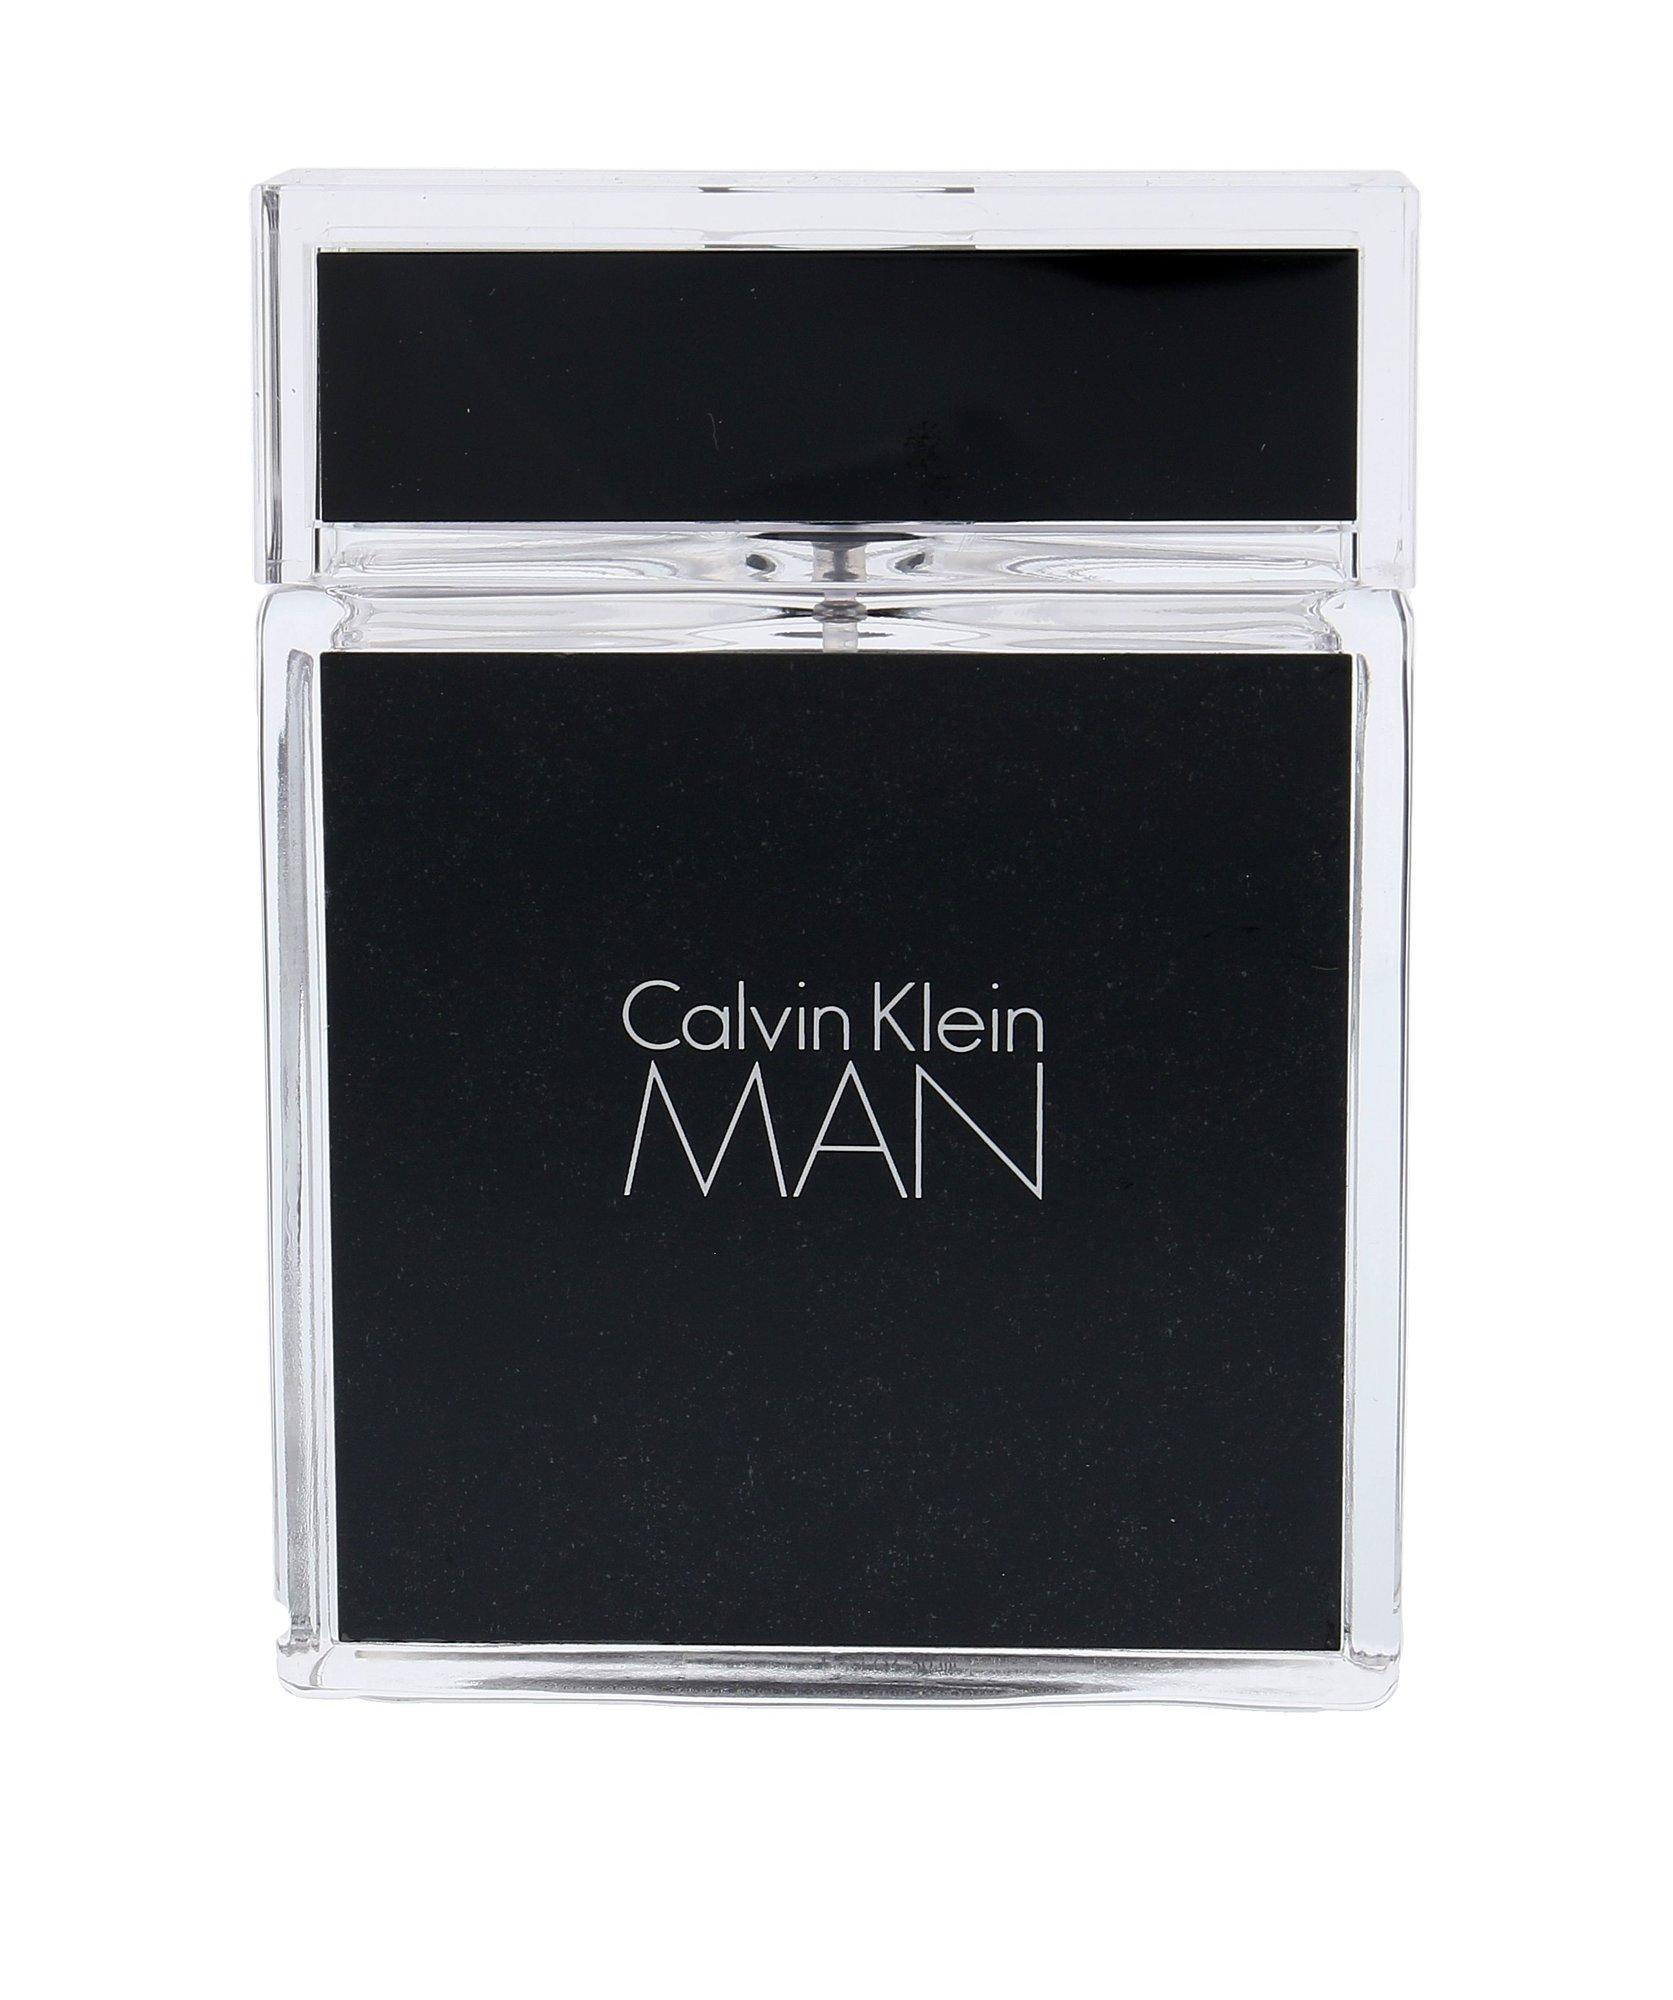 Calvin Klein Man Toaletná voda 50ml